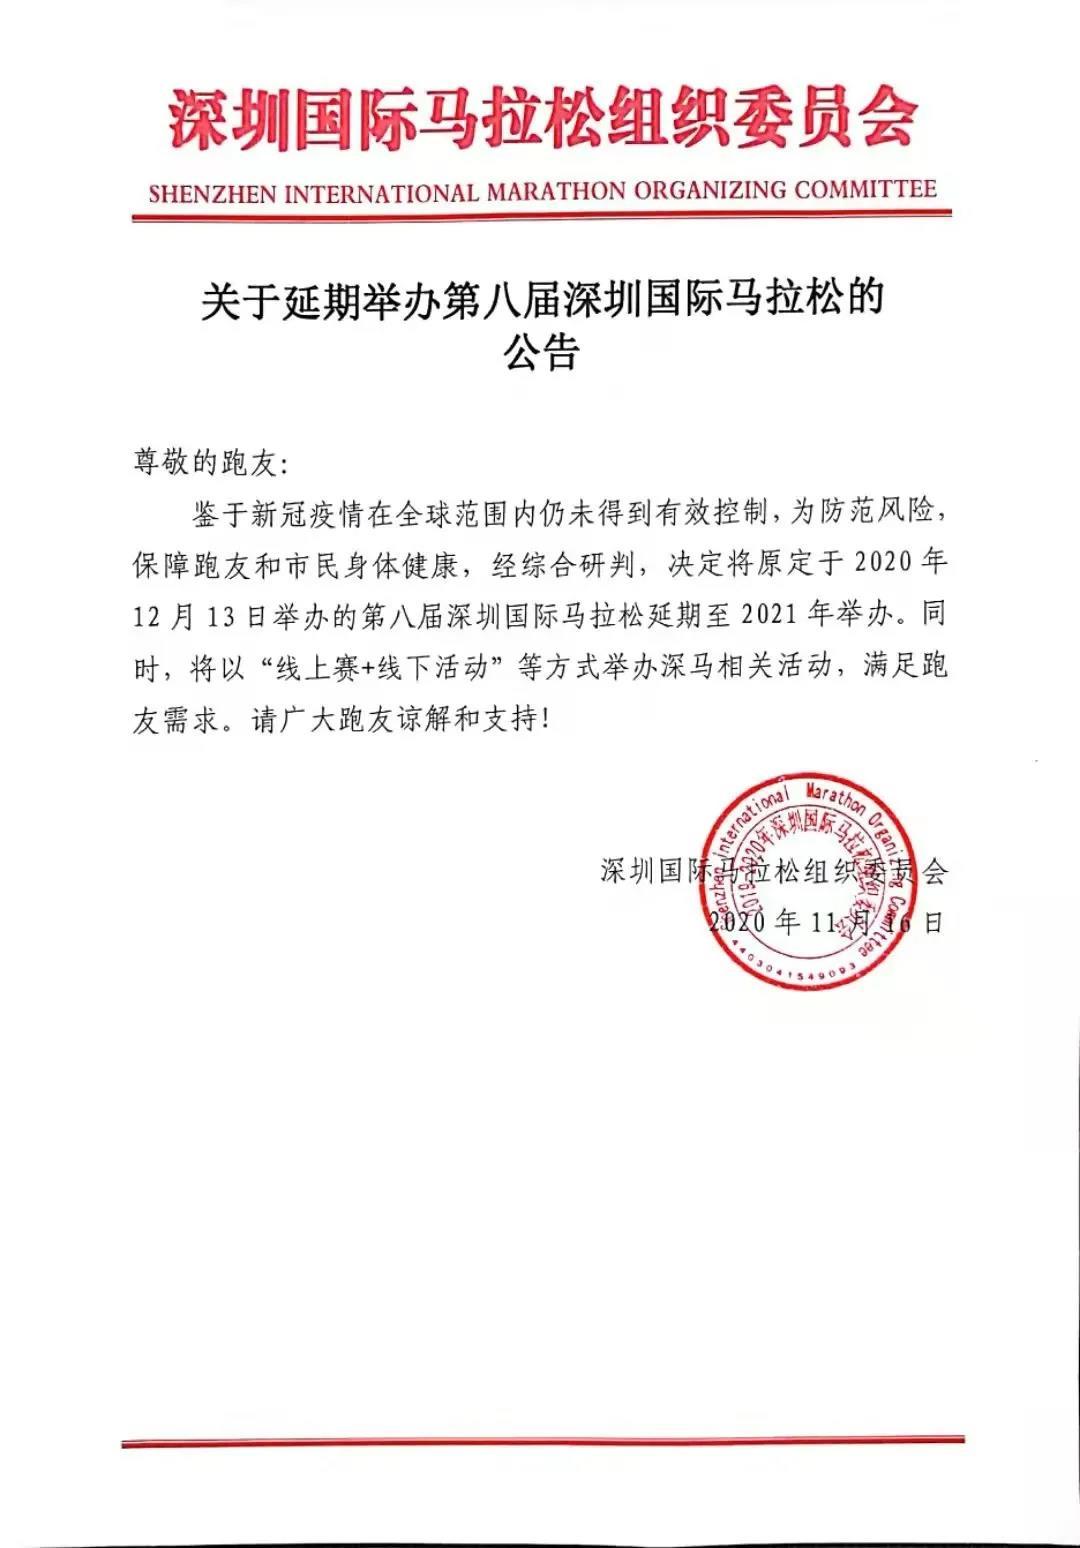 关于延期举办第八届深圳国际马拉松赛的公告